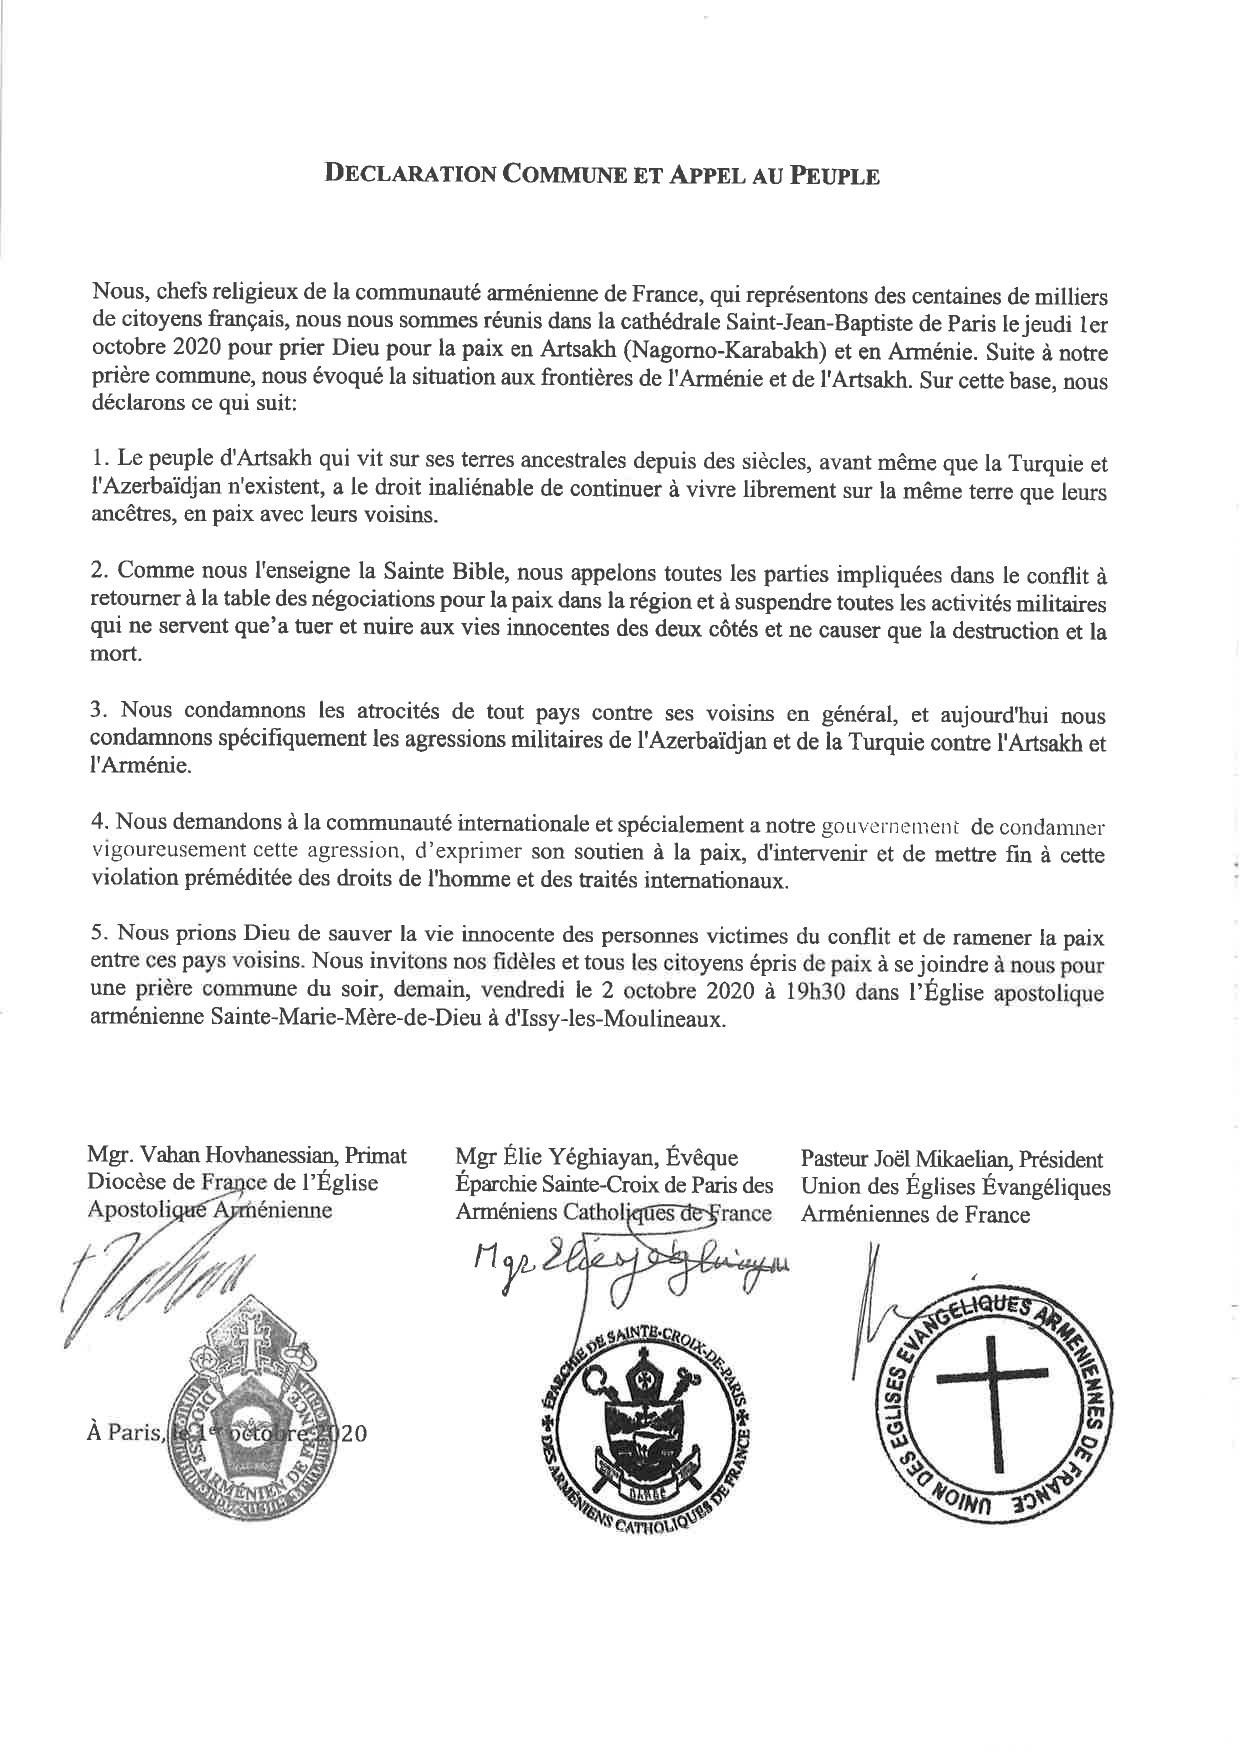 Communiqué des chefs religieux de la communauté arménienne de France